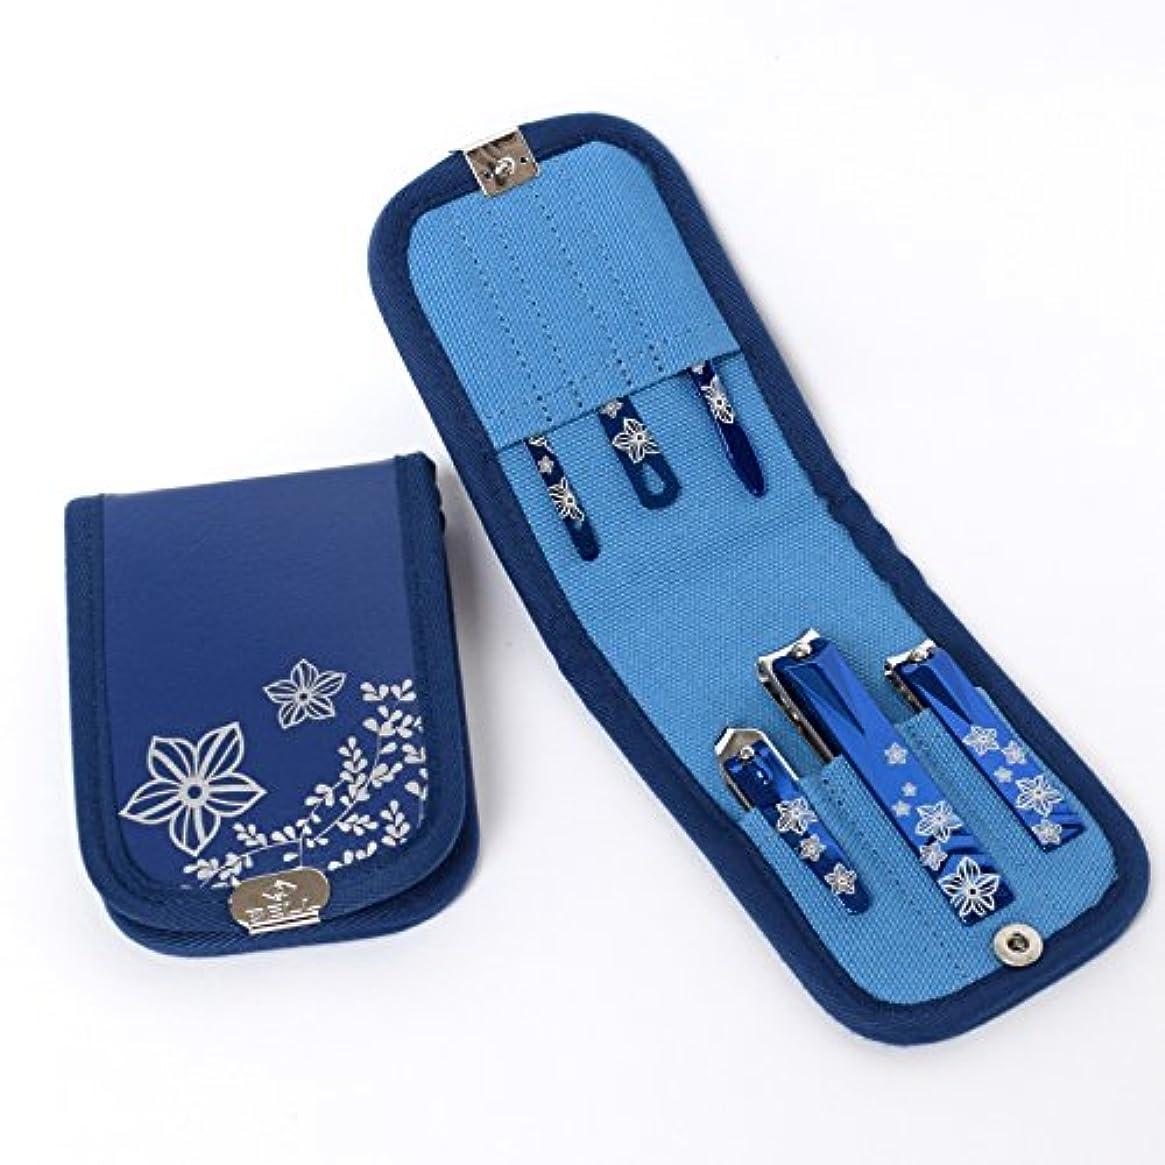 宿パノラマ切手BELL Manicure Sets BM-360 ポータブル爪の管理セット 爪切りセット 高品質のネイルケアセット高級感のある東洋画のデザイン Portable Nail Clippers Nail Care Set